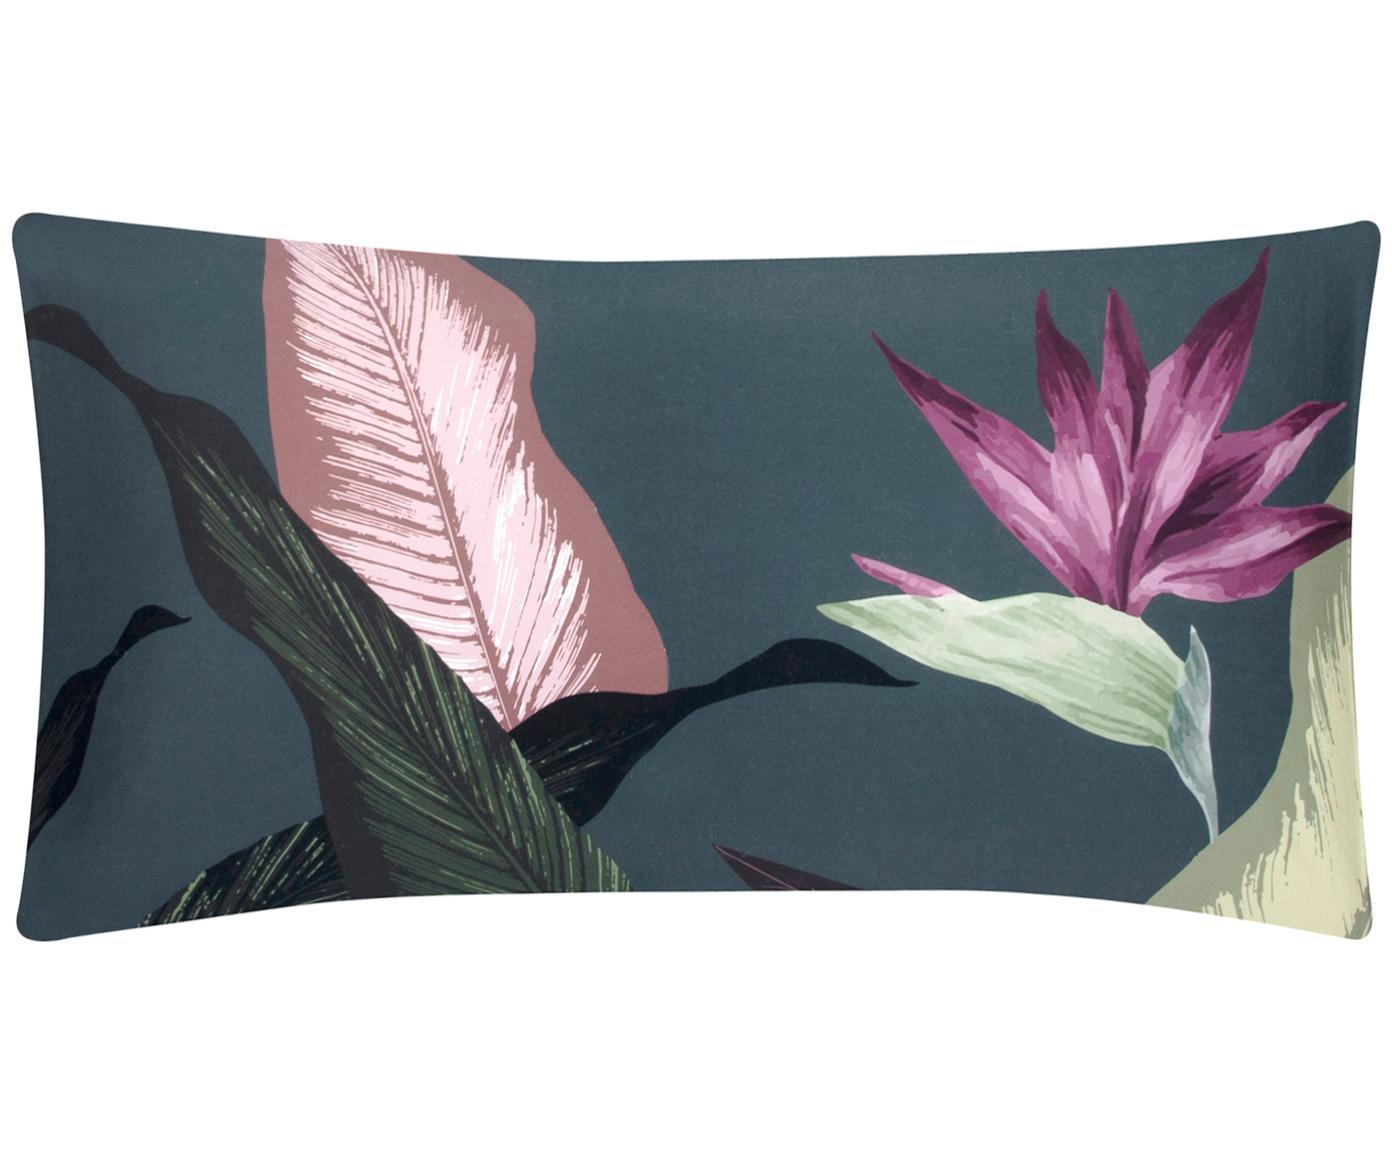 Funda de almohada de satén Flora, caras distintas, Multicolor, gris oscuro, An 45 x L 85 cm